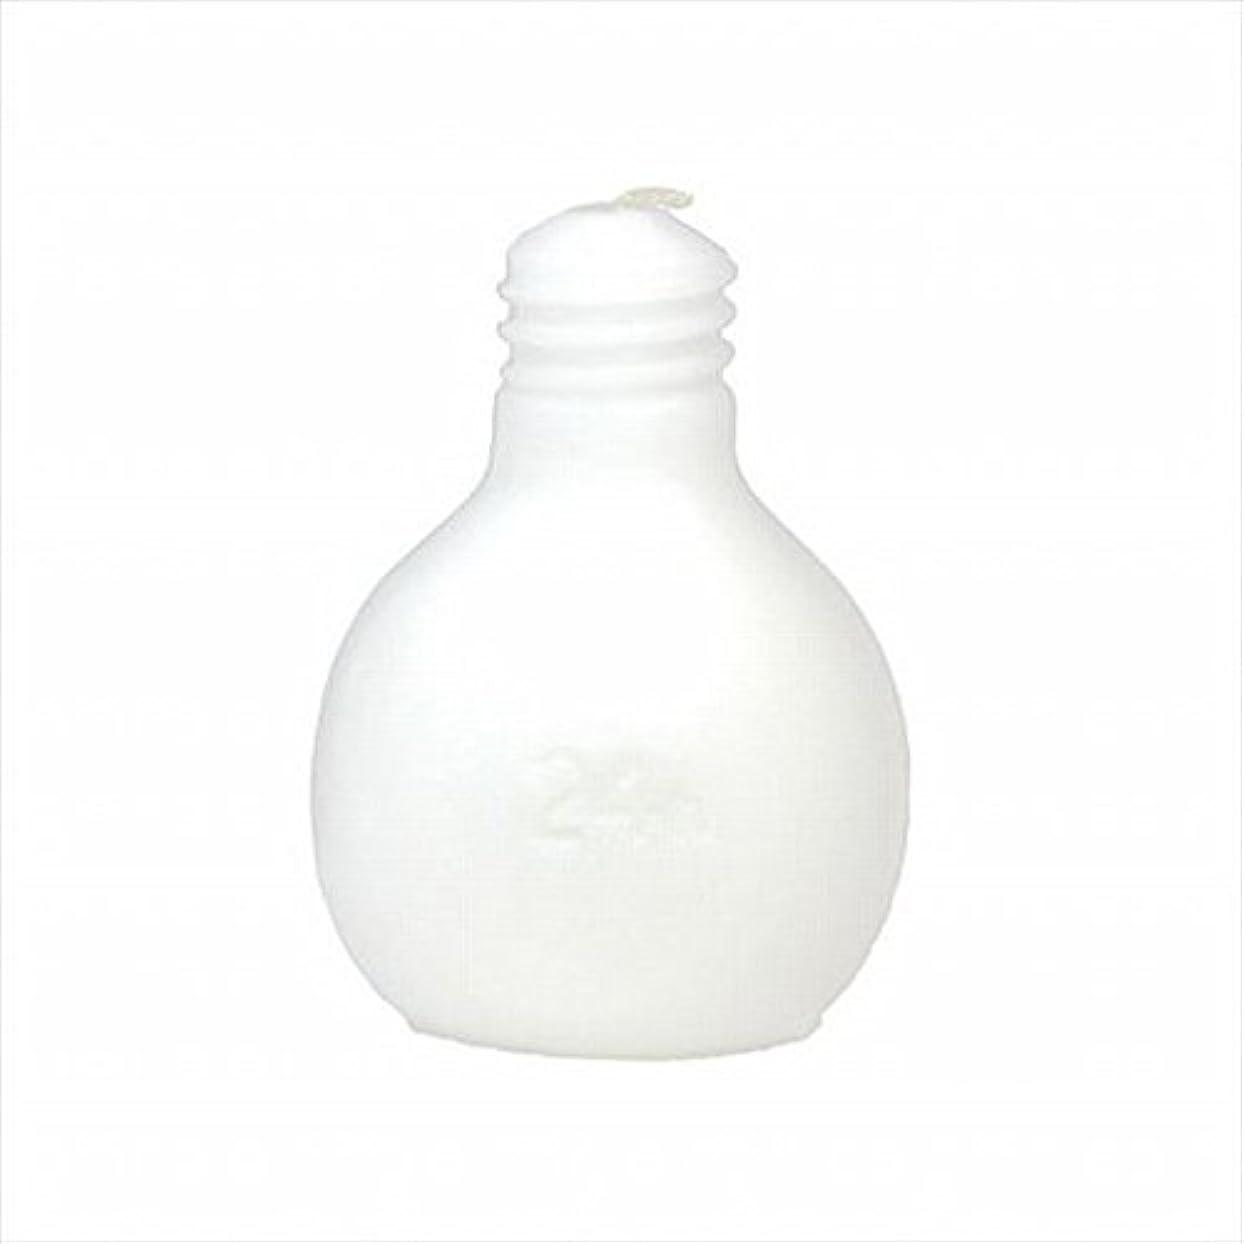 失望遅滞覆すkameyama candle(カメヤマキャンドル) 節電球キャンドル 「 ホワイト 」 キャンドル 75x75x98mm (A4220000W)